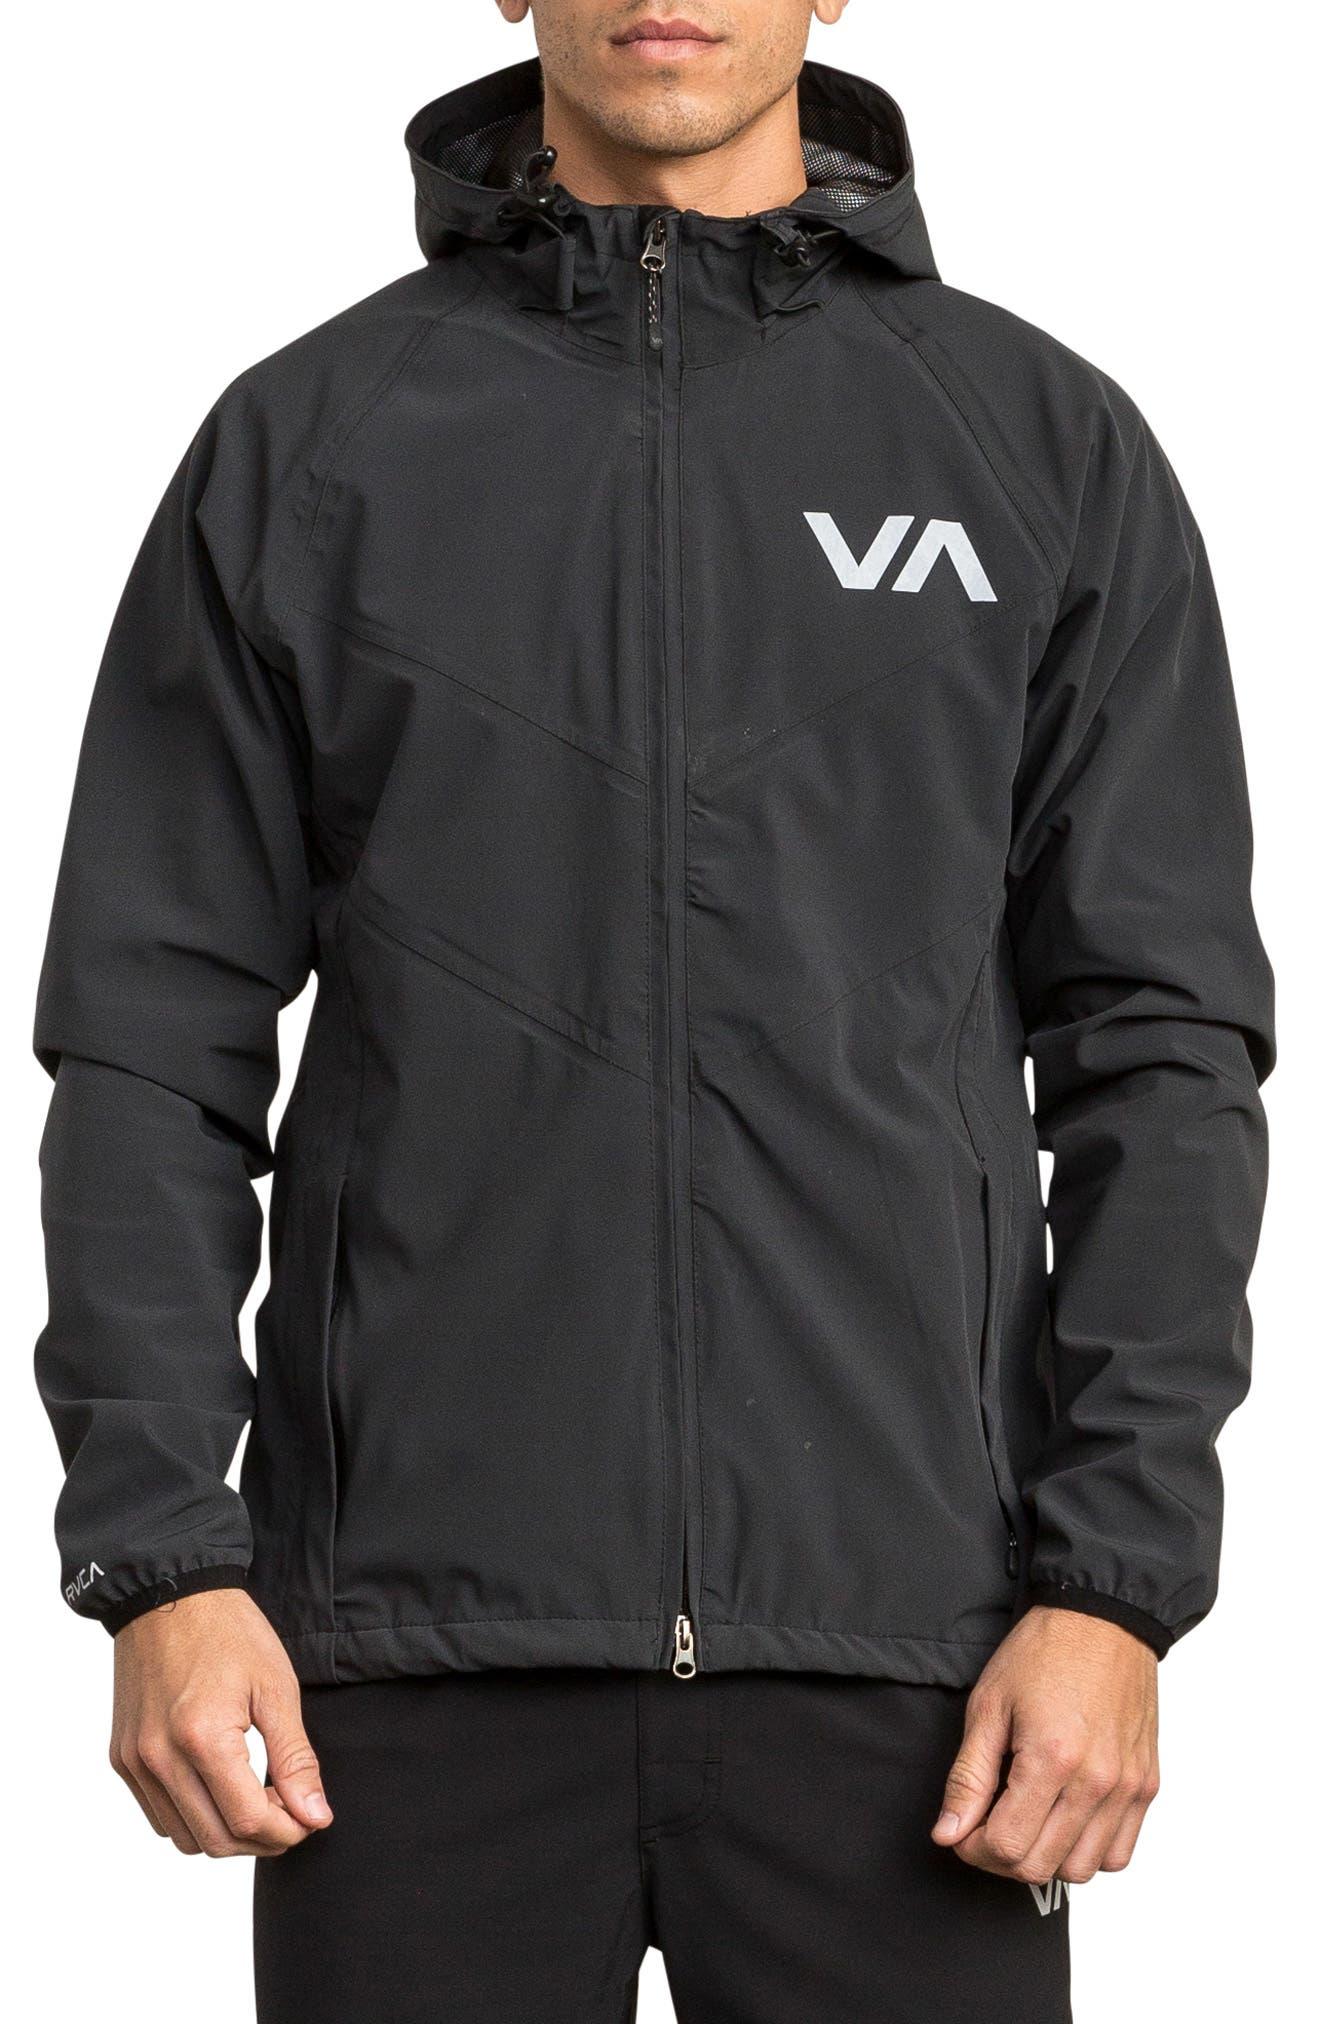 VA Packable Windbreaker,                             Main thumbnail 1, color,                             BLACK